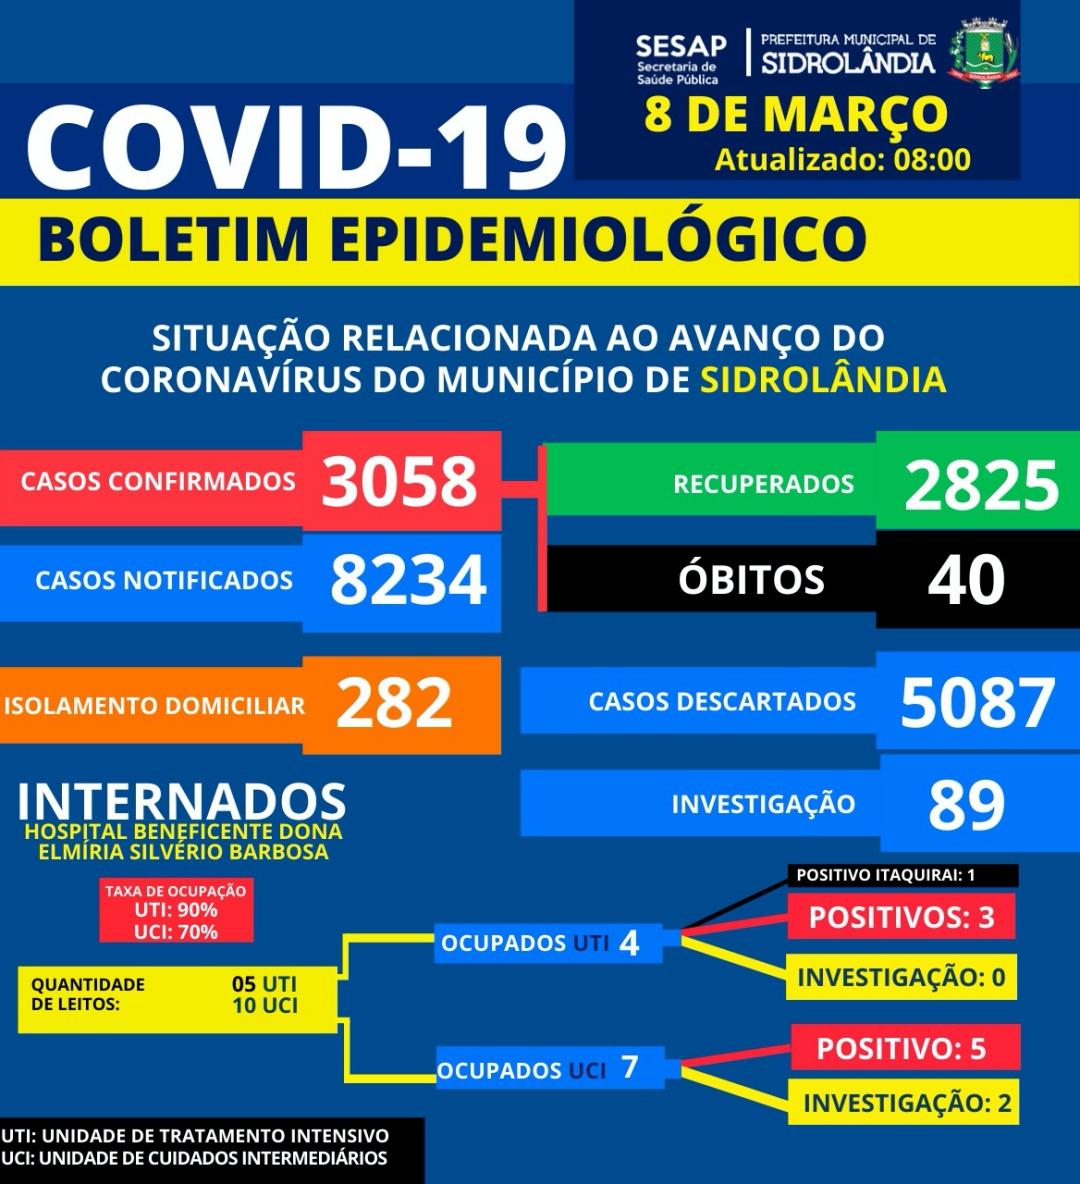 Morador no Quebra Coco, homem de 55 morre vítima do Covid-19